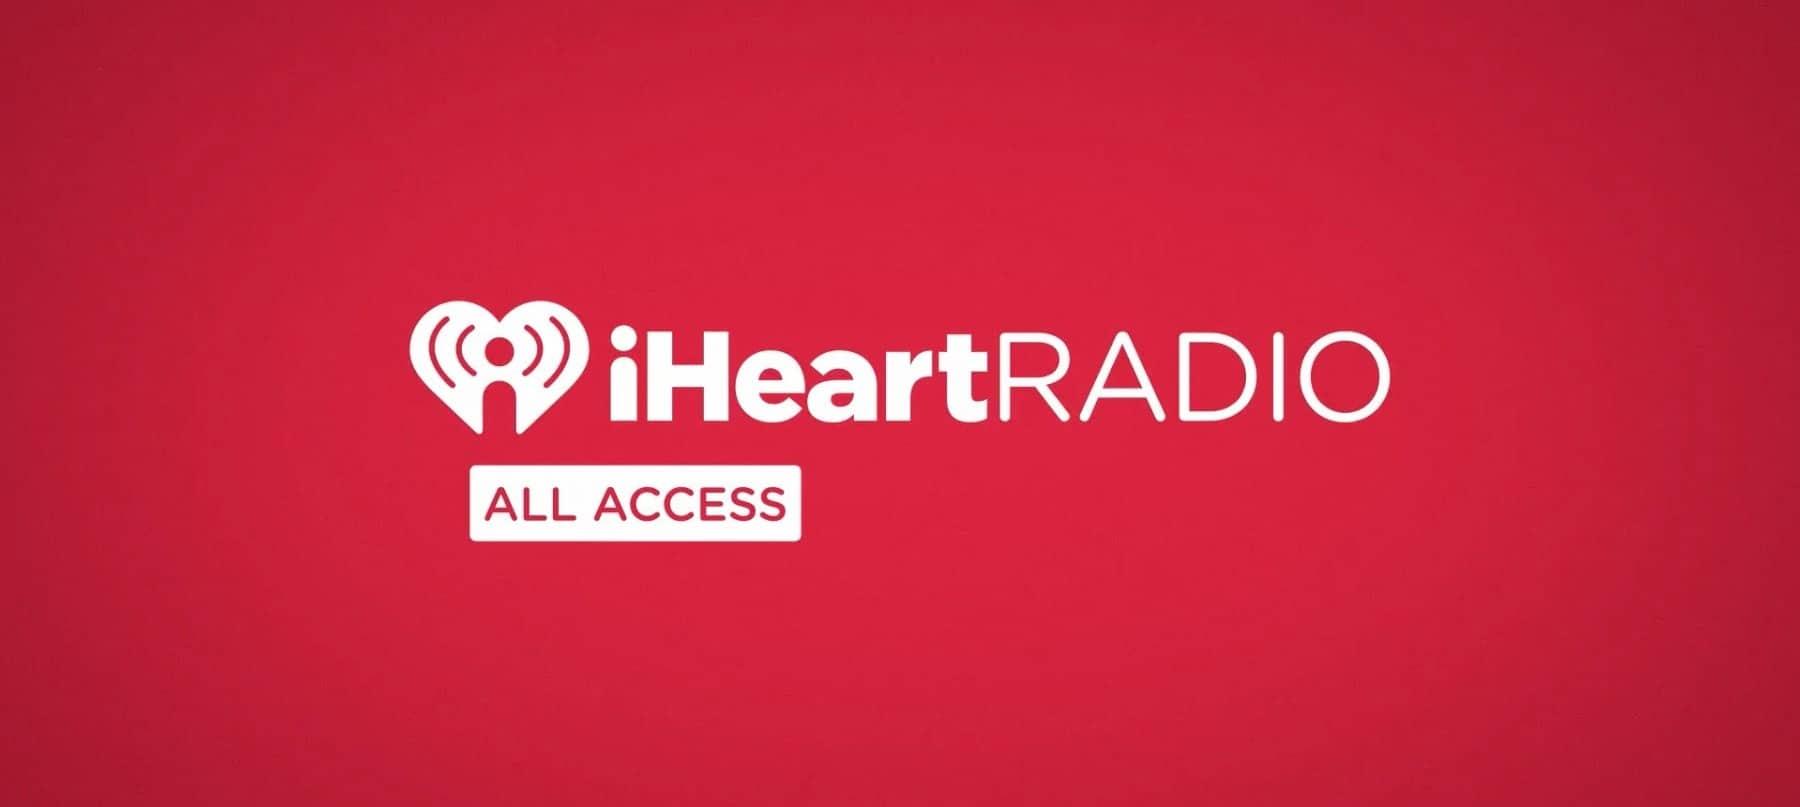 سرویس پخش و دانلود موسیقی آی هارت رادیو